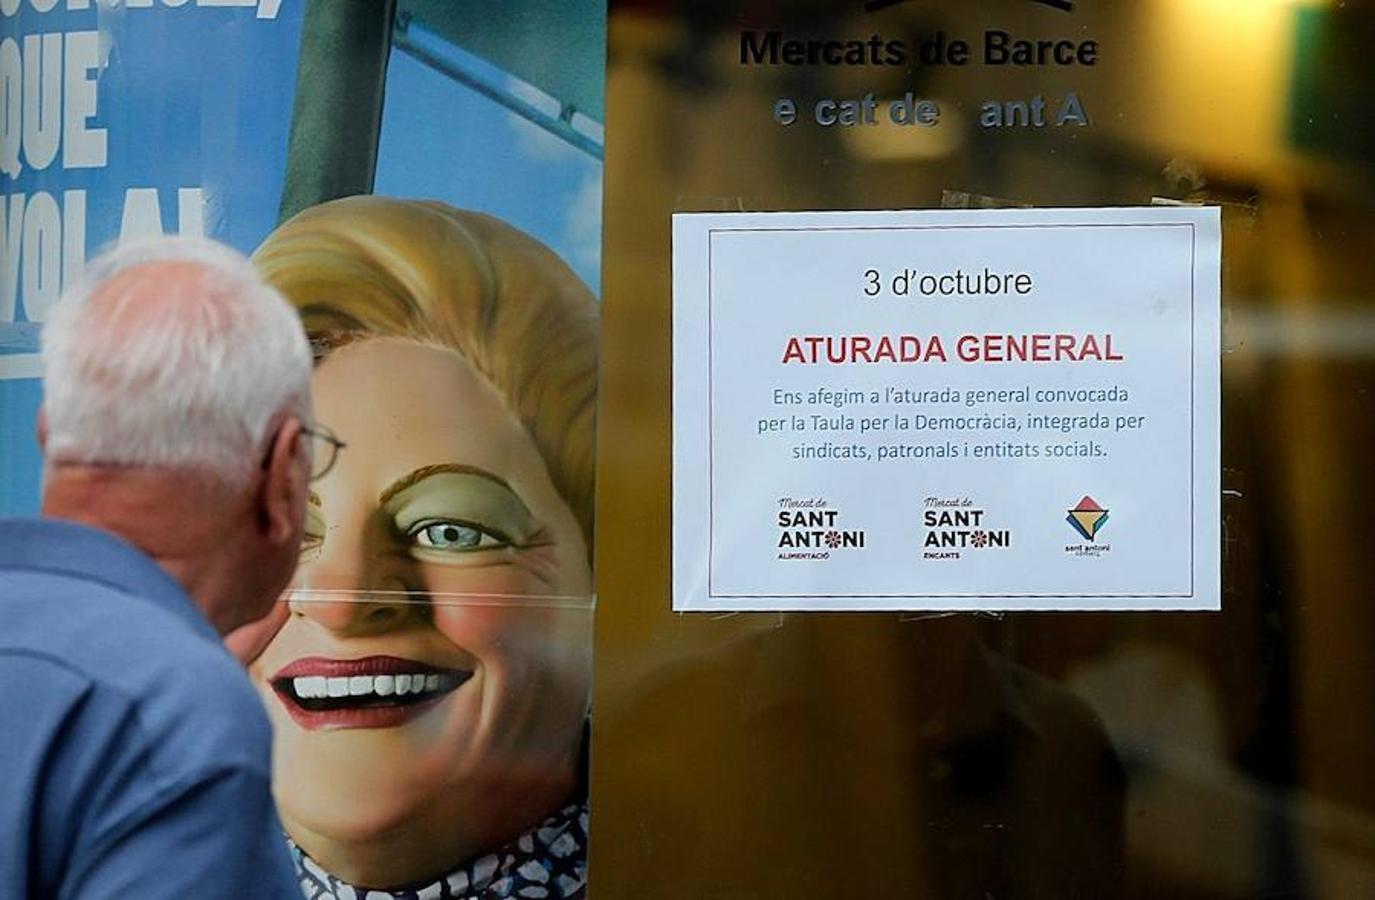 Un hombre ante las puertas del Mercado de Sant Antoni que permanece cerrado por la huelga general convocada para hoy en Cataluña